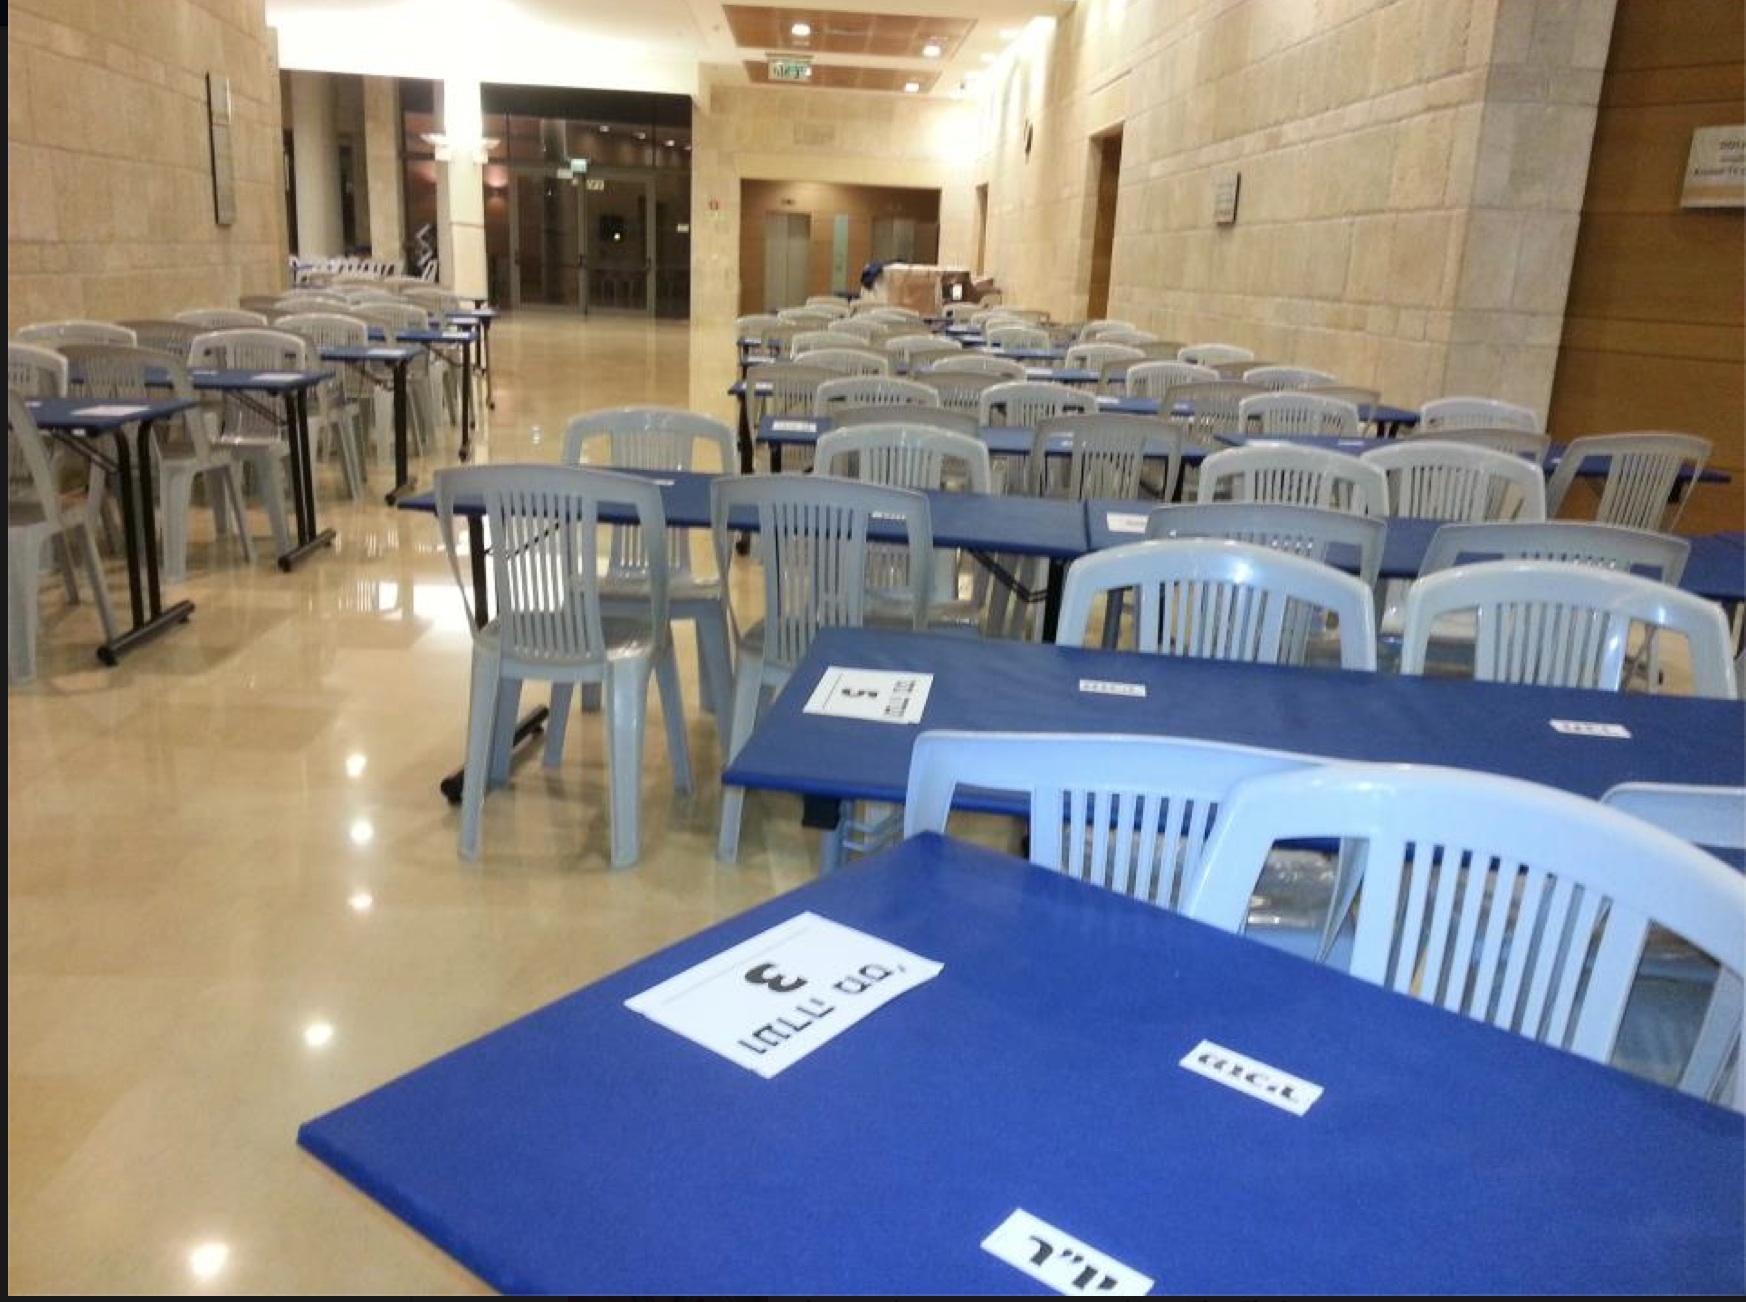 ועדת הבחירות (במסדרונות הכנסת) נערכת ליום הבוחר/ת, צולם באדיבות ראשת הפלוג בכנסת ישראל